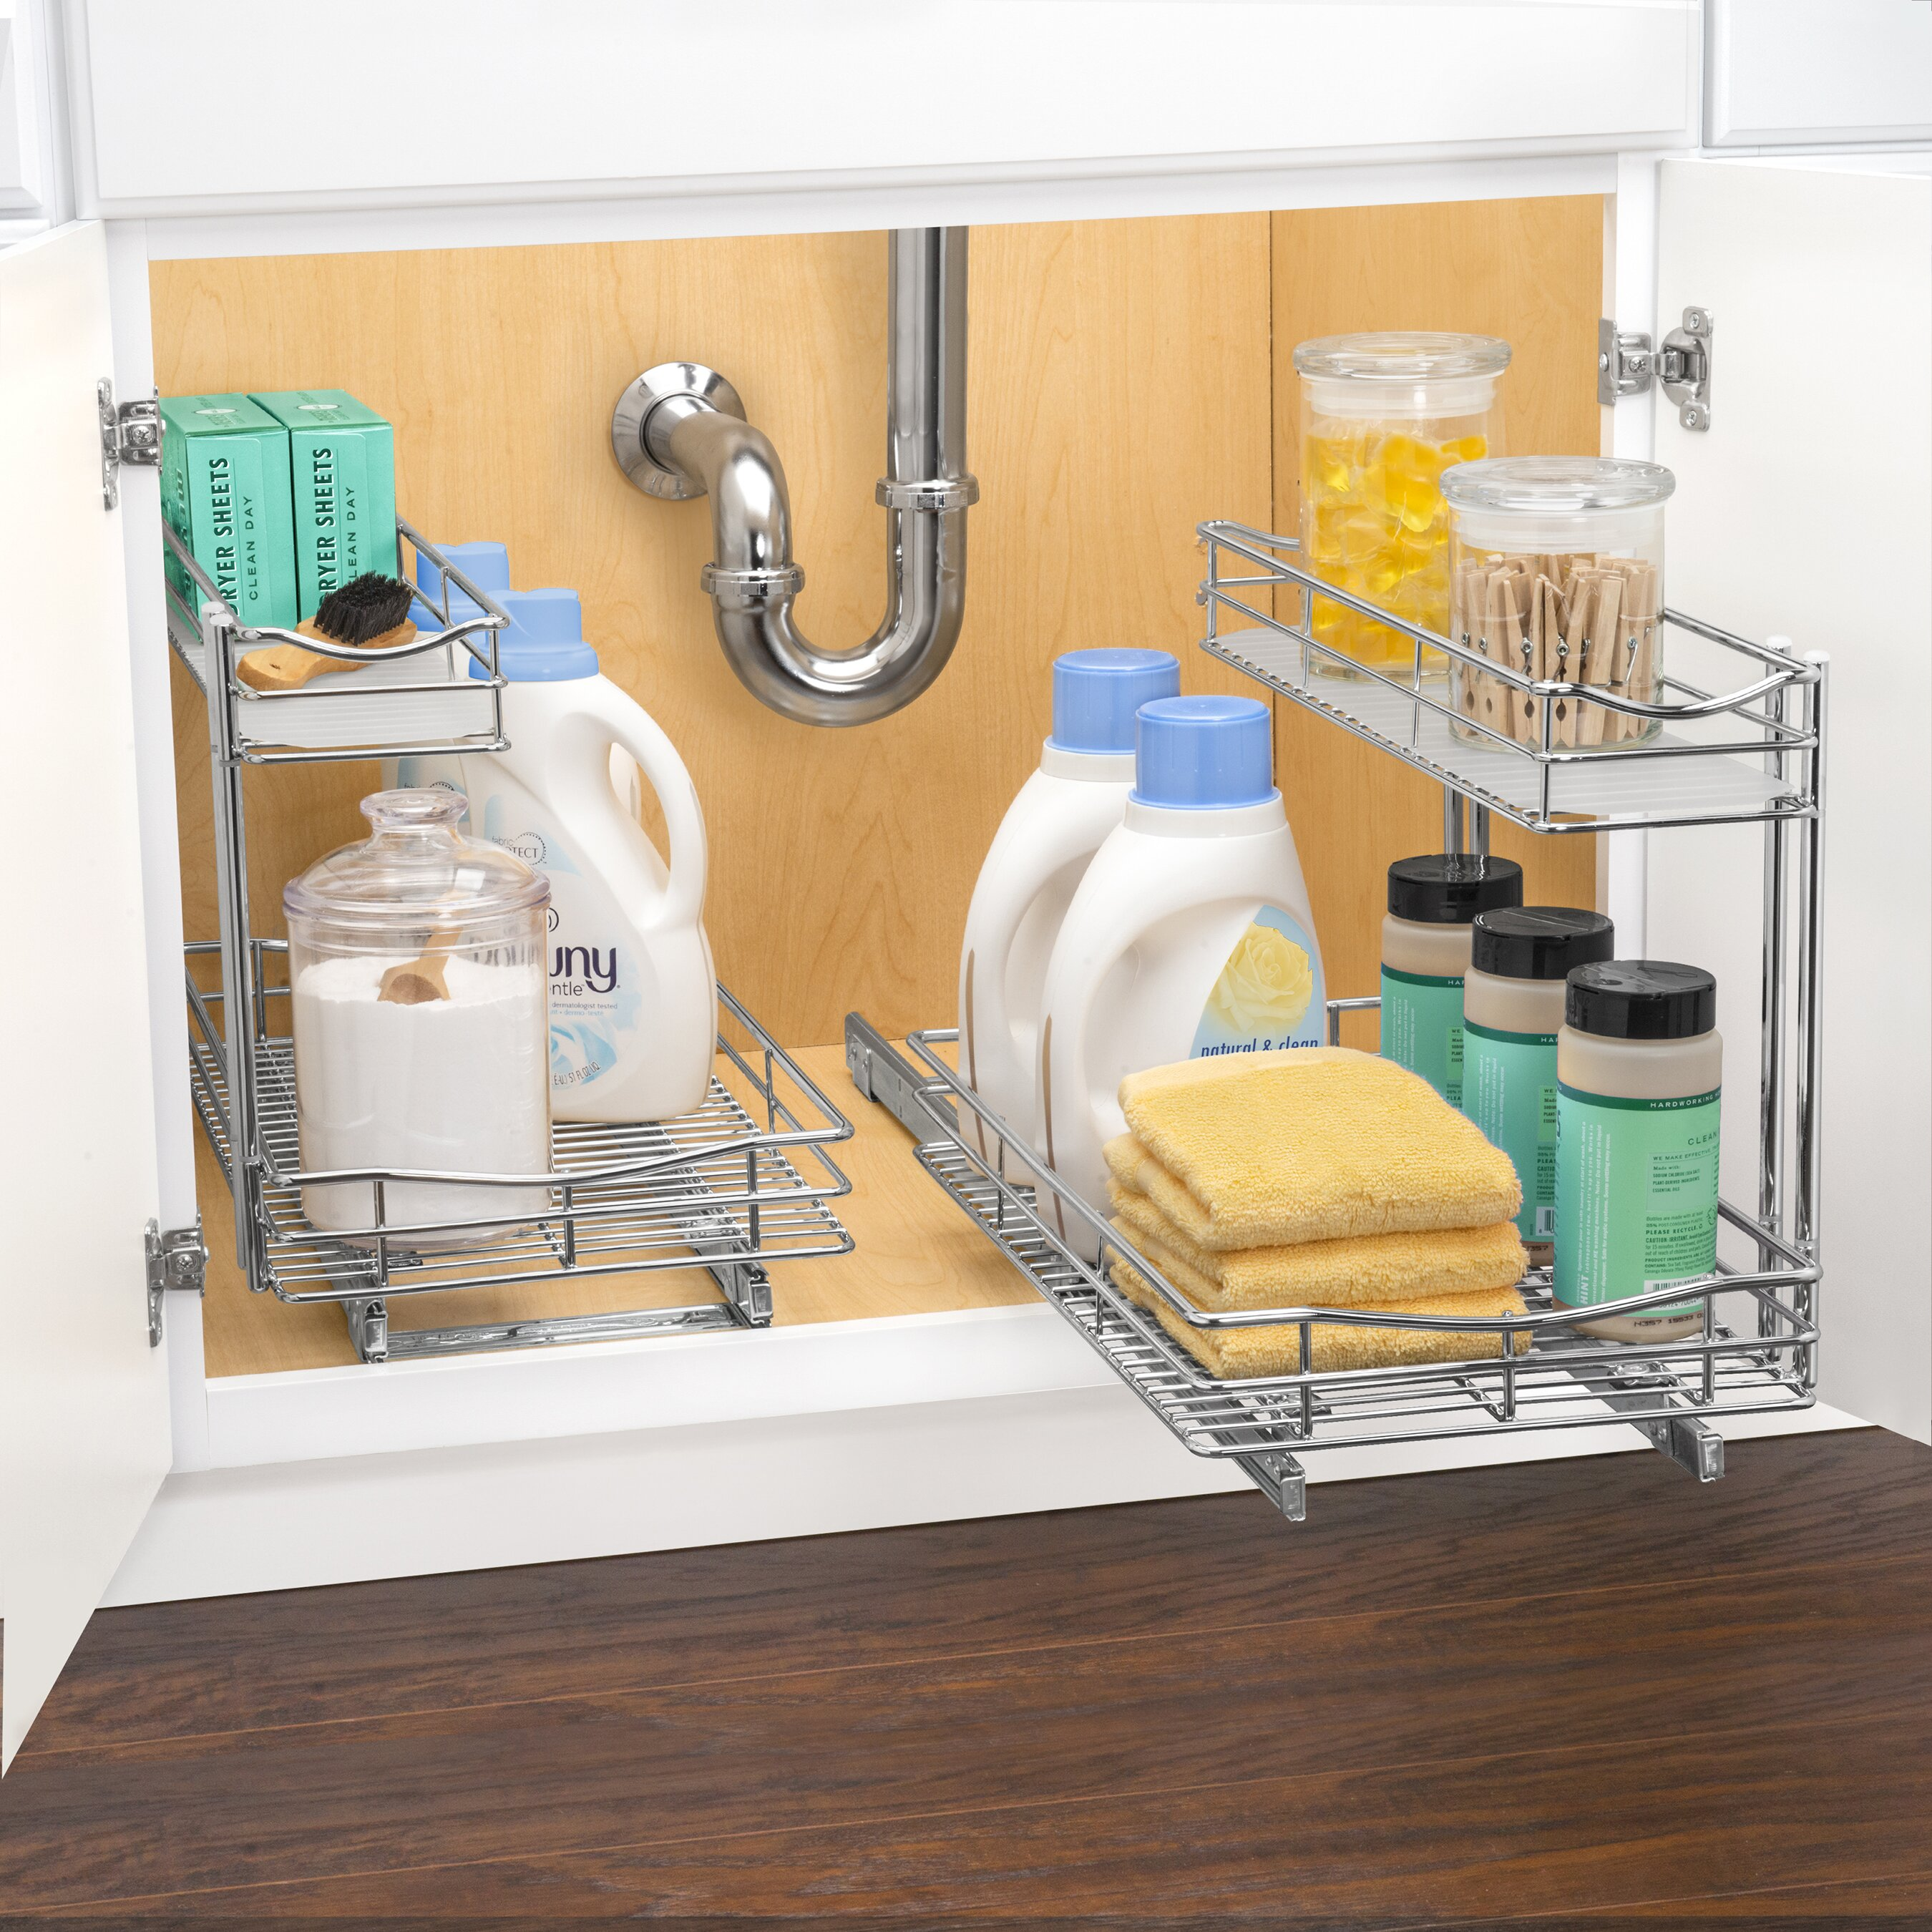 New Cabinet Organizer Sliding Kitchen Under Storage Drawer: Lynk Roll Out Under Sink Cabinet Organizer